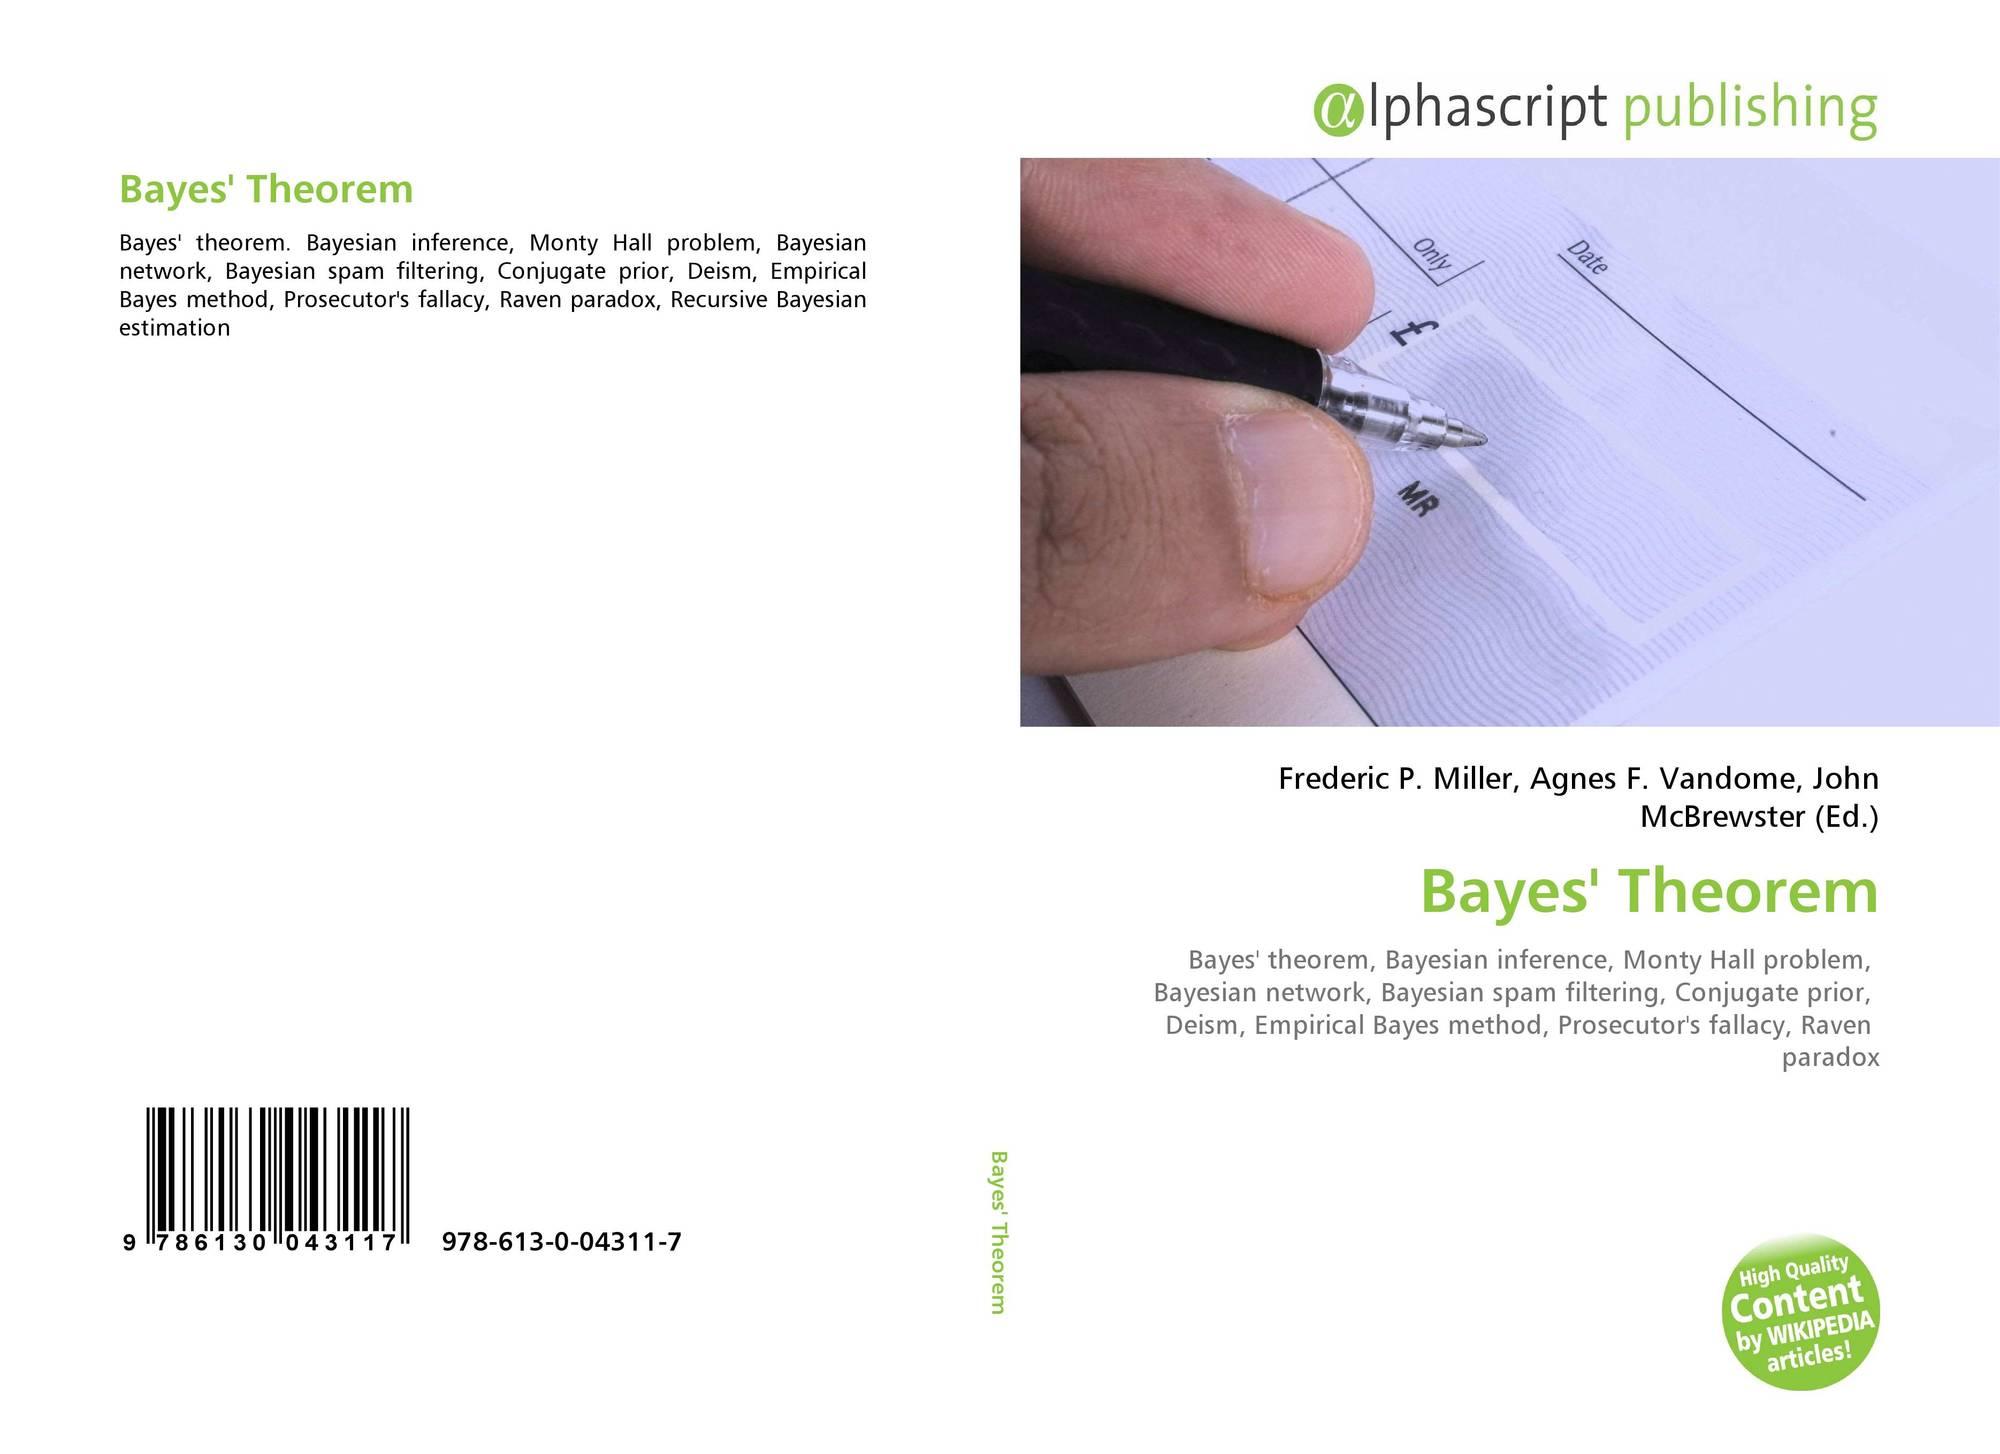 Bayes' Theorem, 978-613-0-04311-7, 6130043112 ,9786130043117